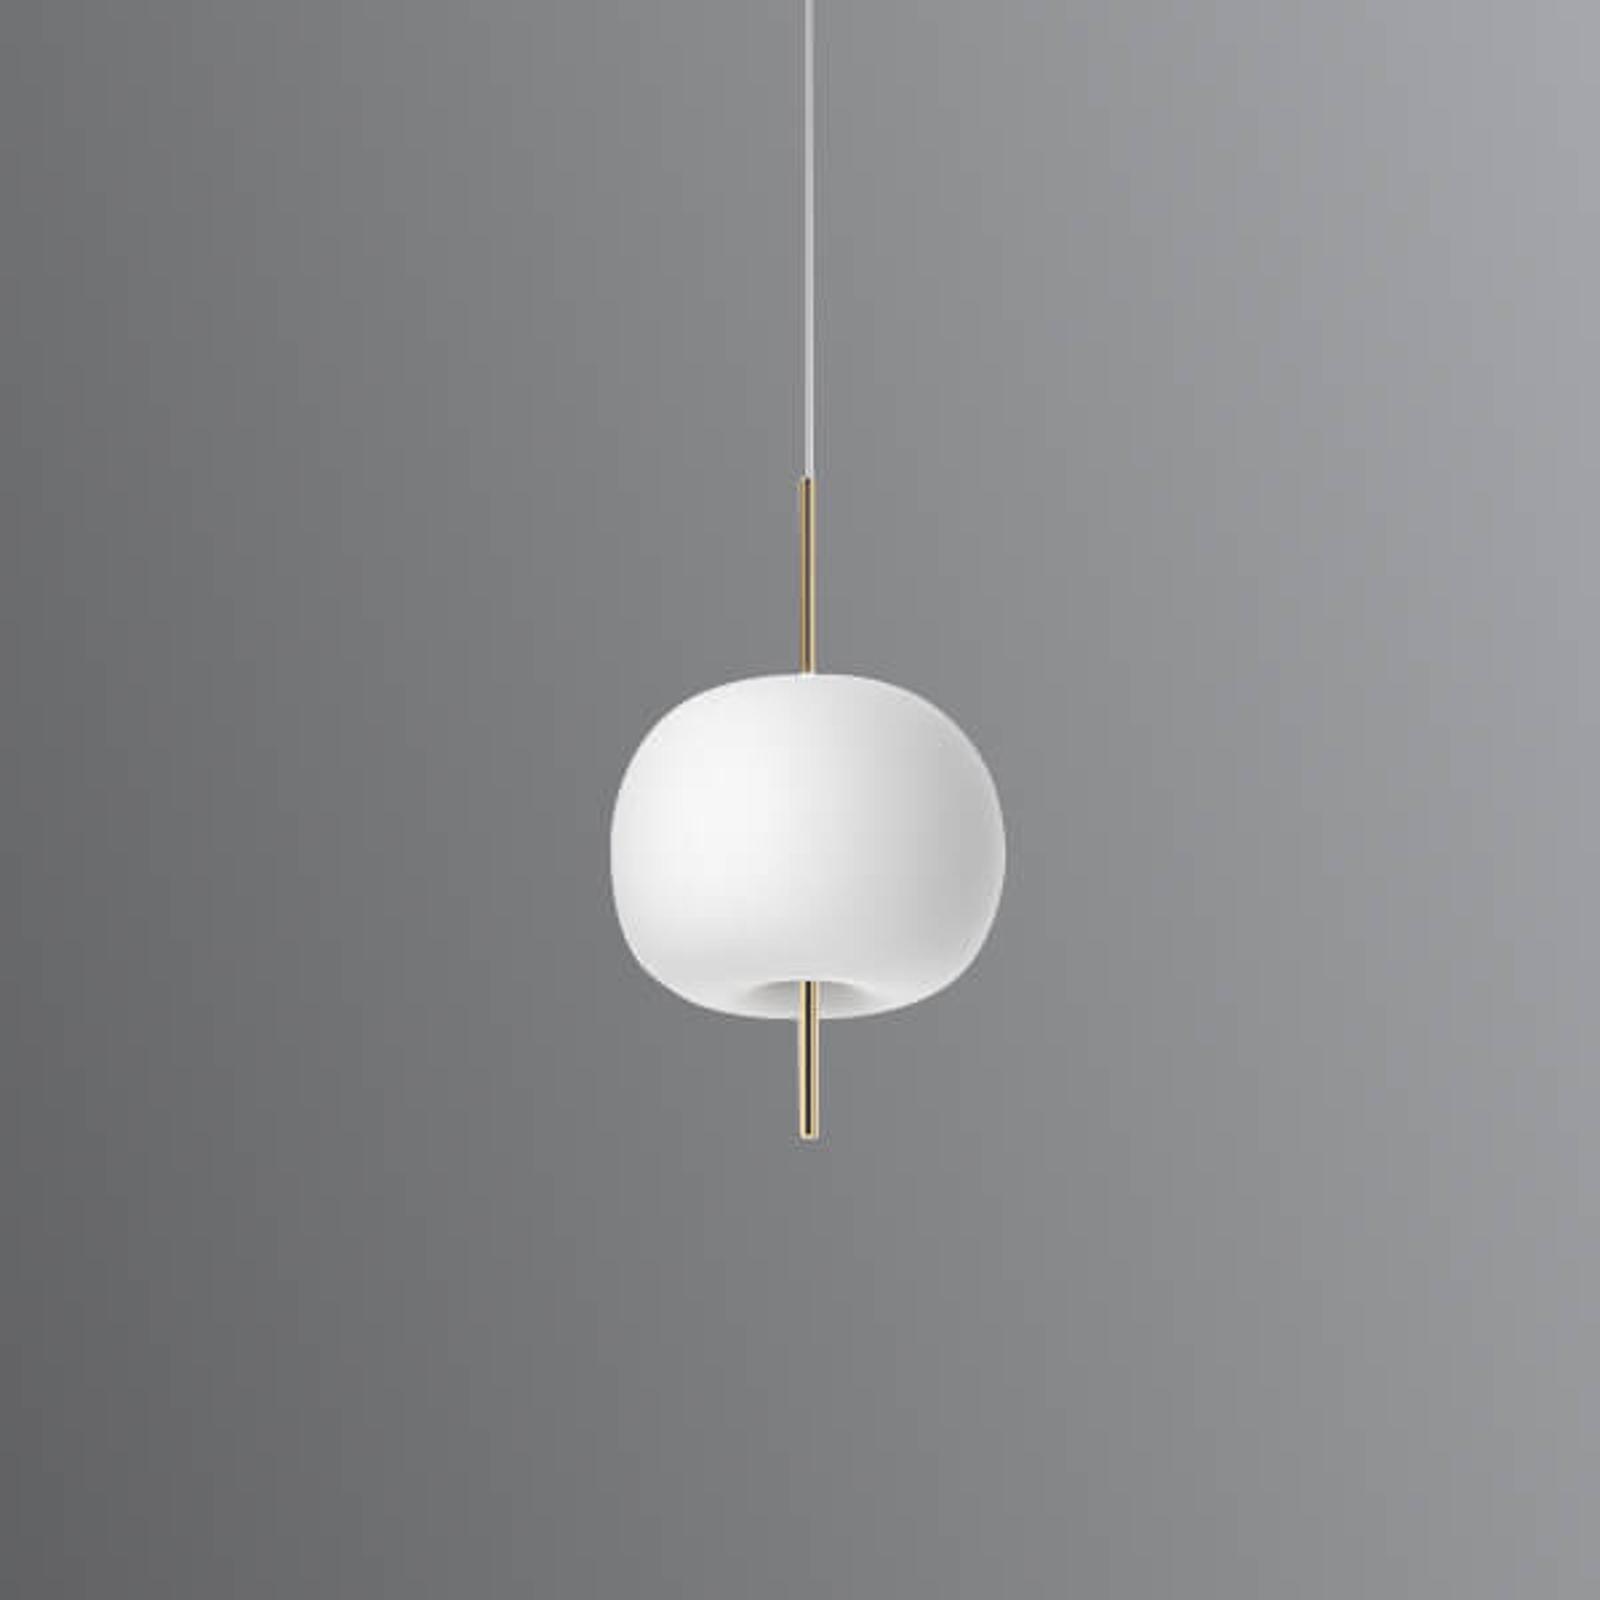 Kundalini Kushi - LED-hengelampe messing 16 cm